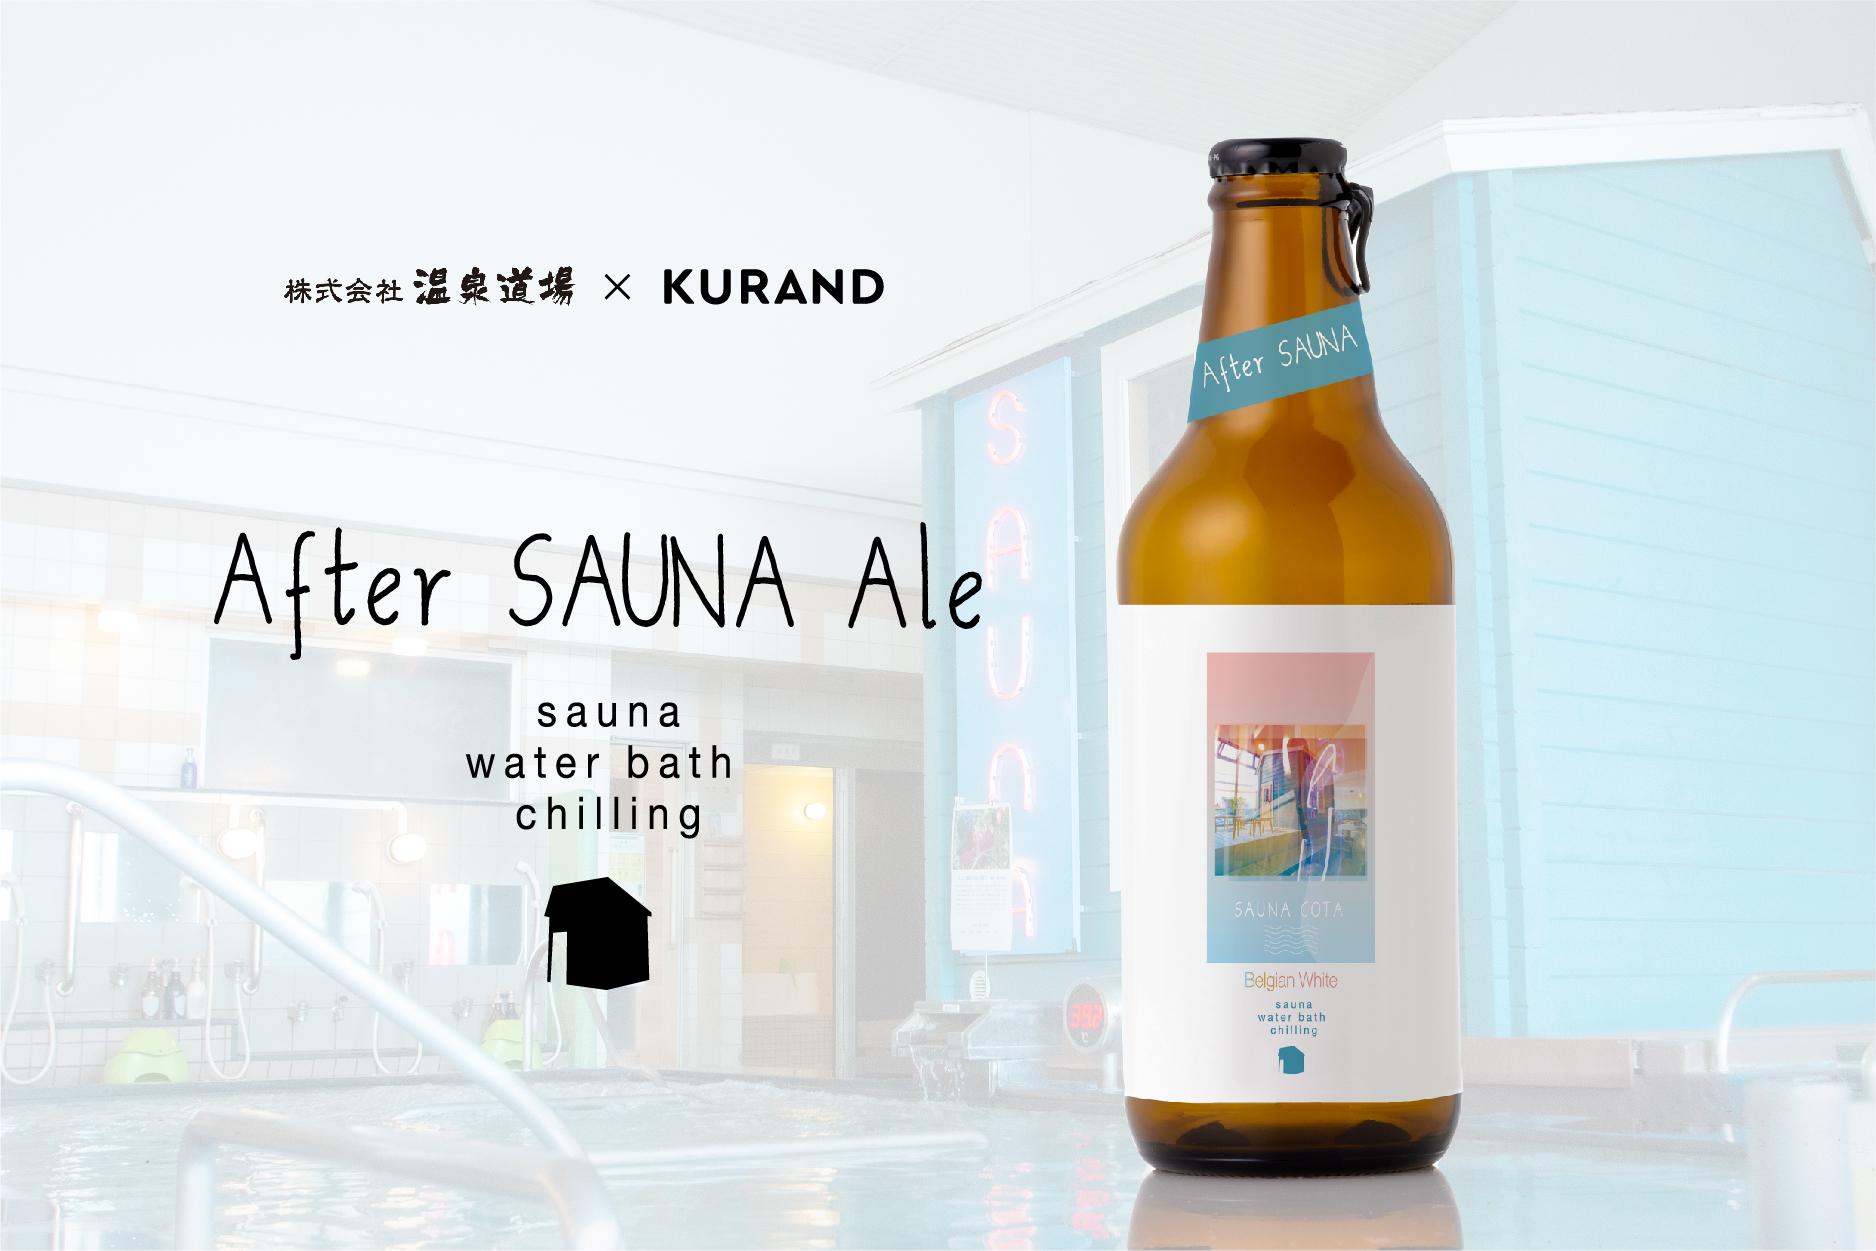 温泉道場サウナ部とKURANDが、サウナ後に飲むビール「After SAUNA Ale」を共同開発。3/27 販売開始